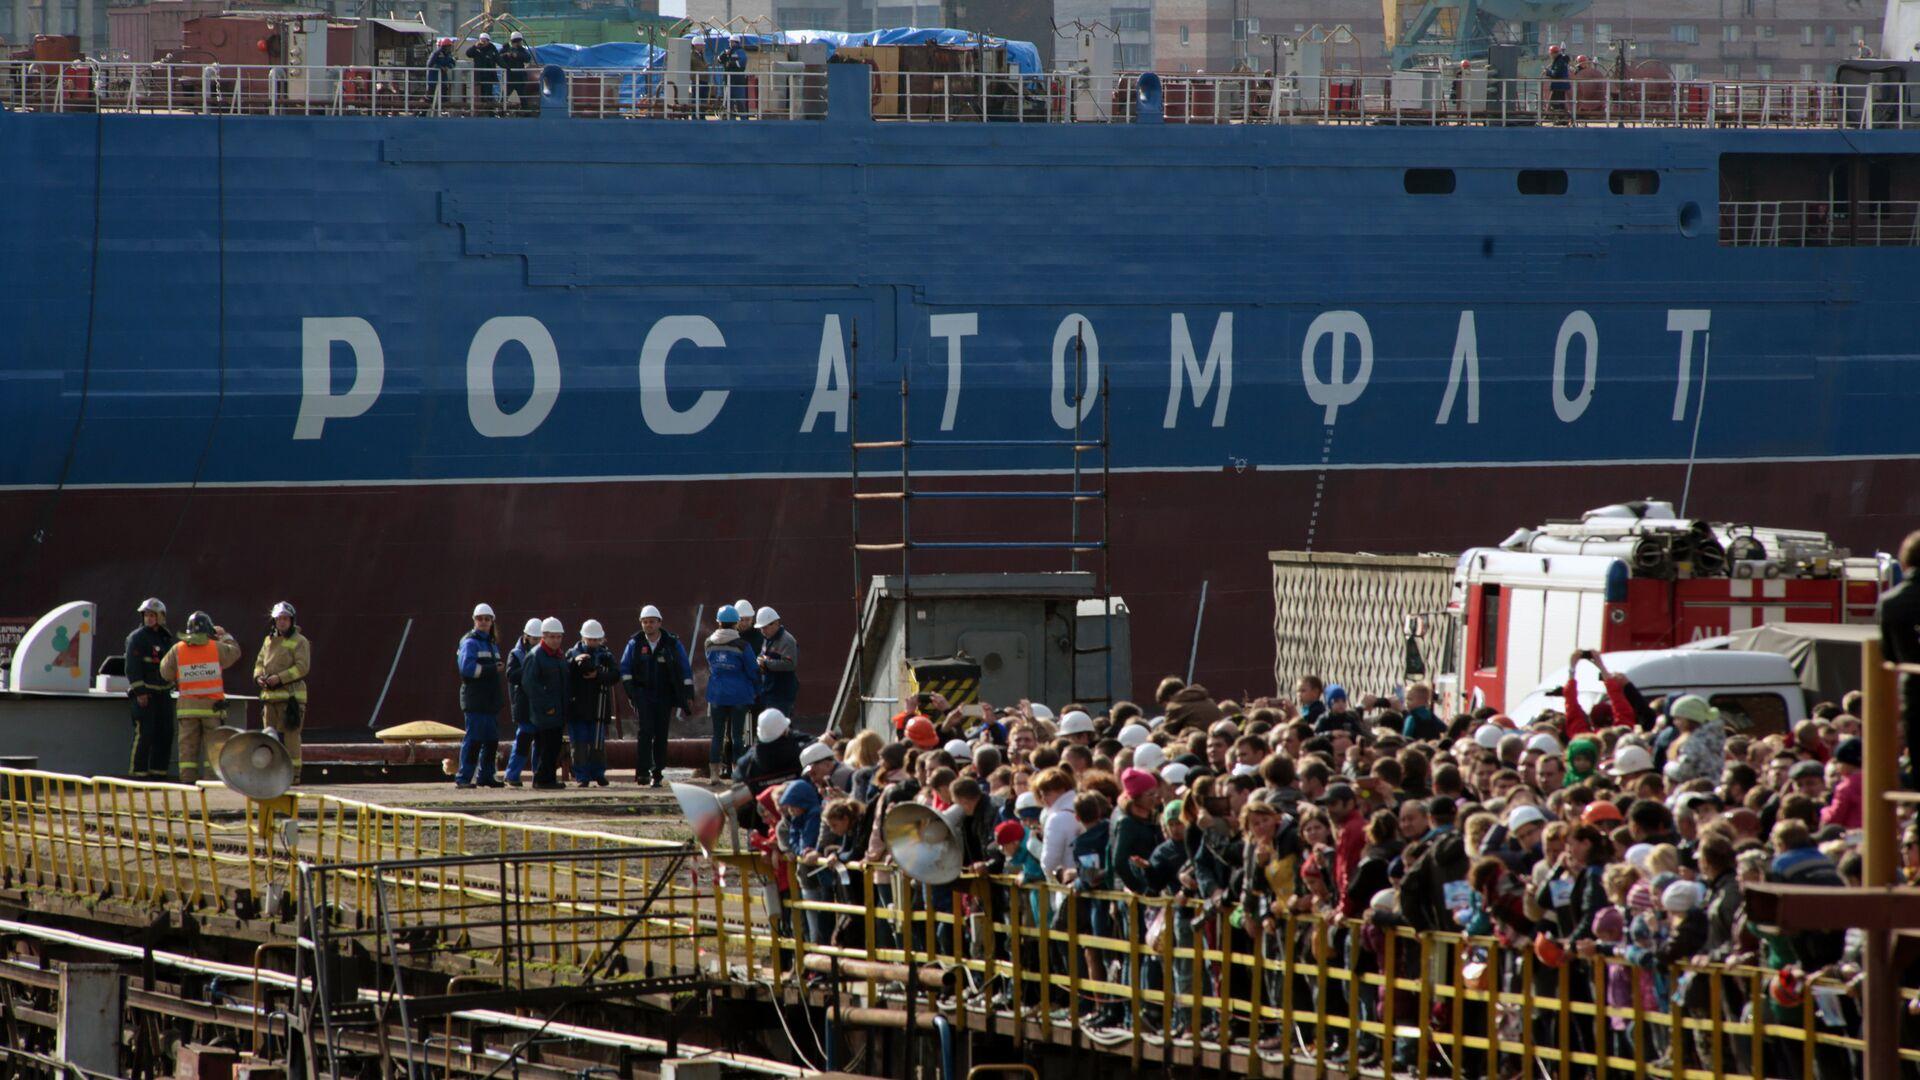 Церемония спуска на воду атомного ледокола Сибирь на Балтийском заводе в Санкт-Петербурге - РИА Новости, 1920, 16.12.2020